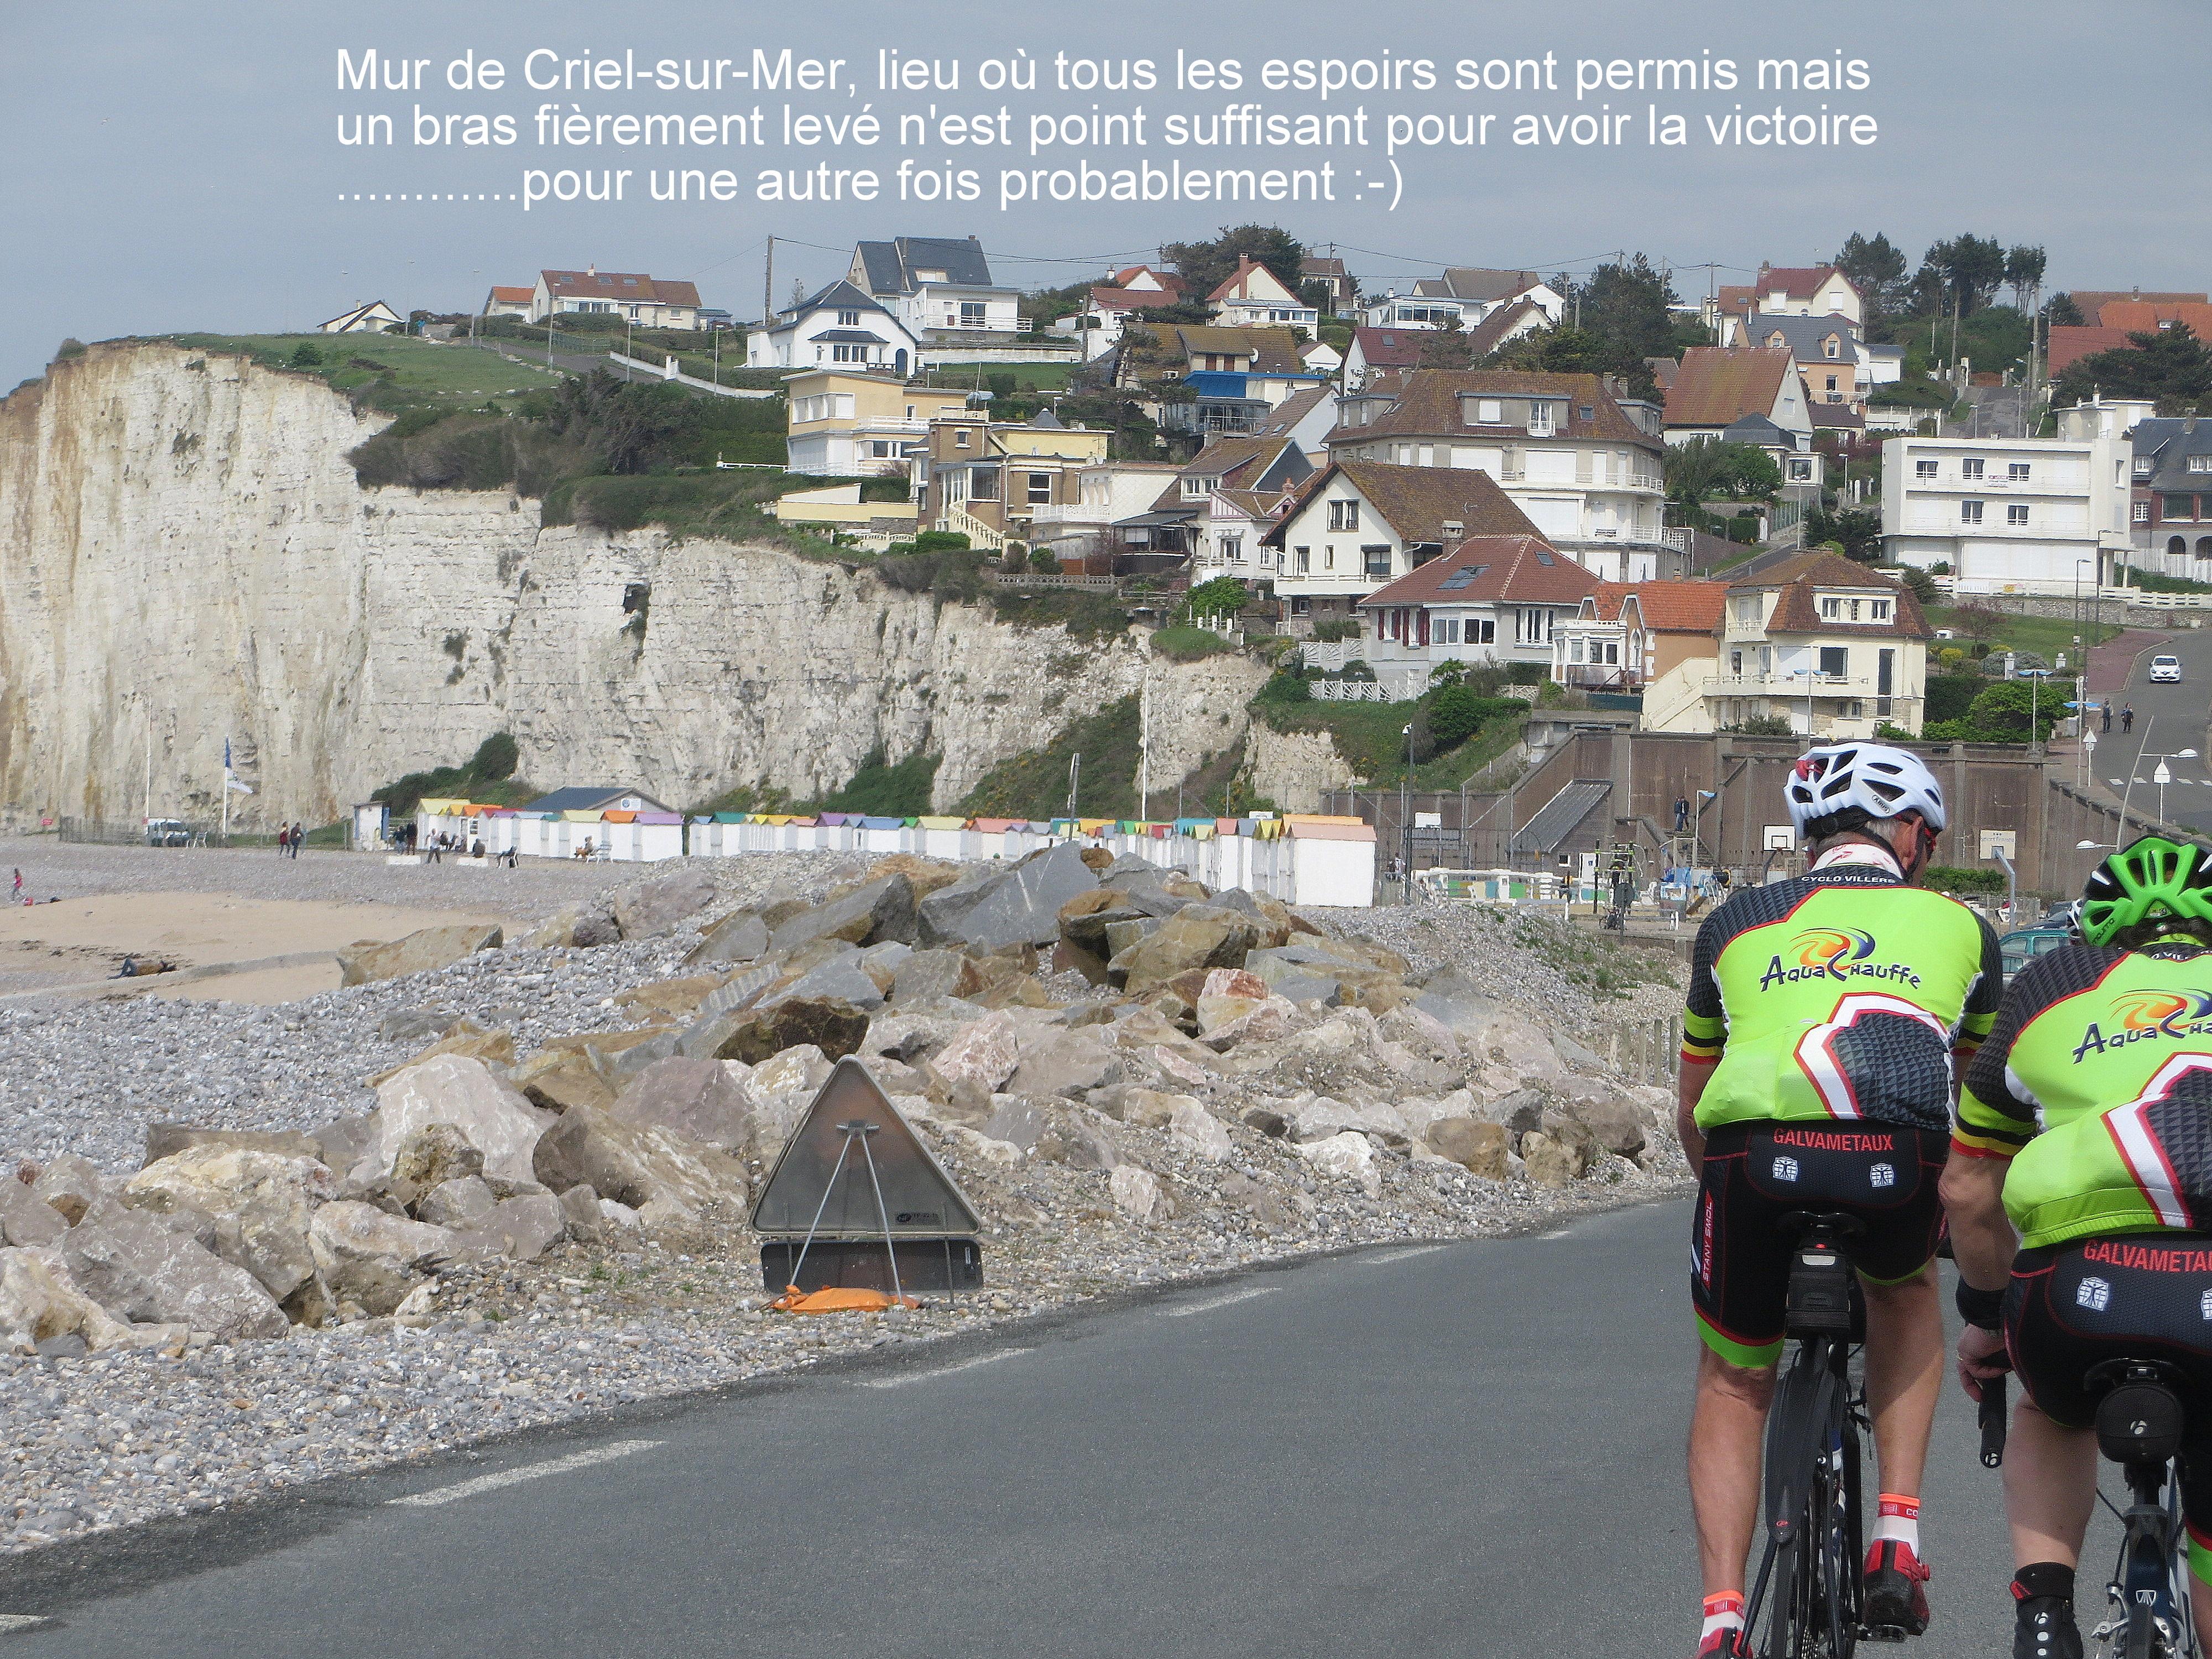 Séjour cyclo en Baie de Somme : du 27 au lundi 30 avril 2018 - Page 6 180501095830963644